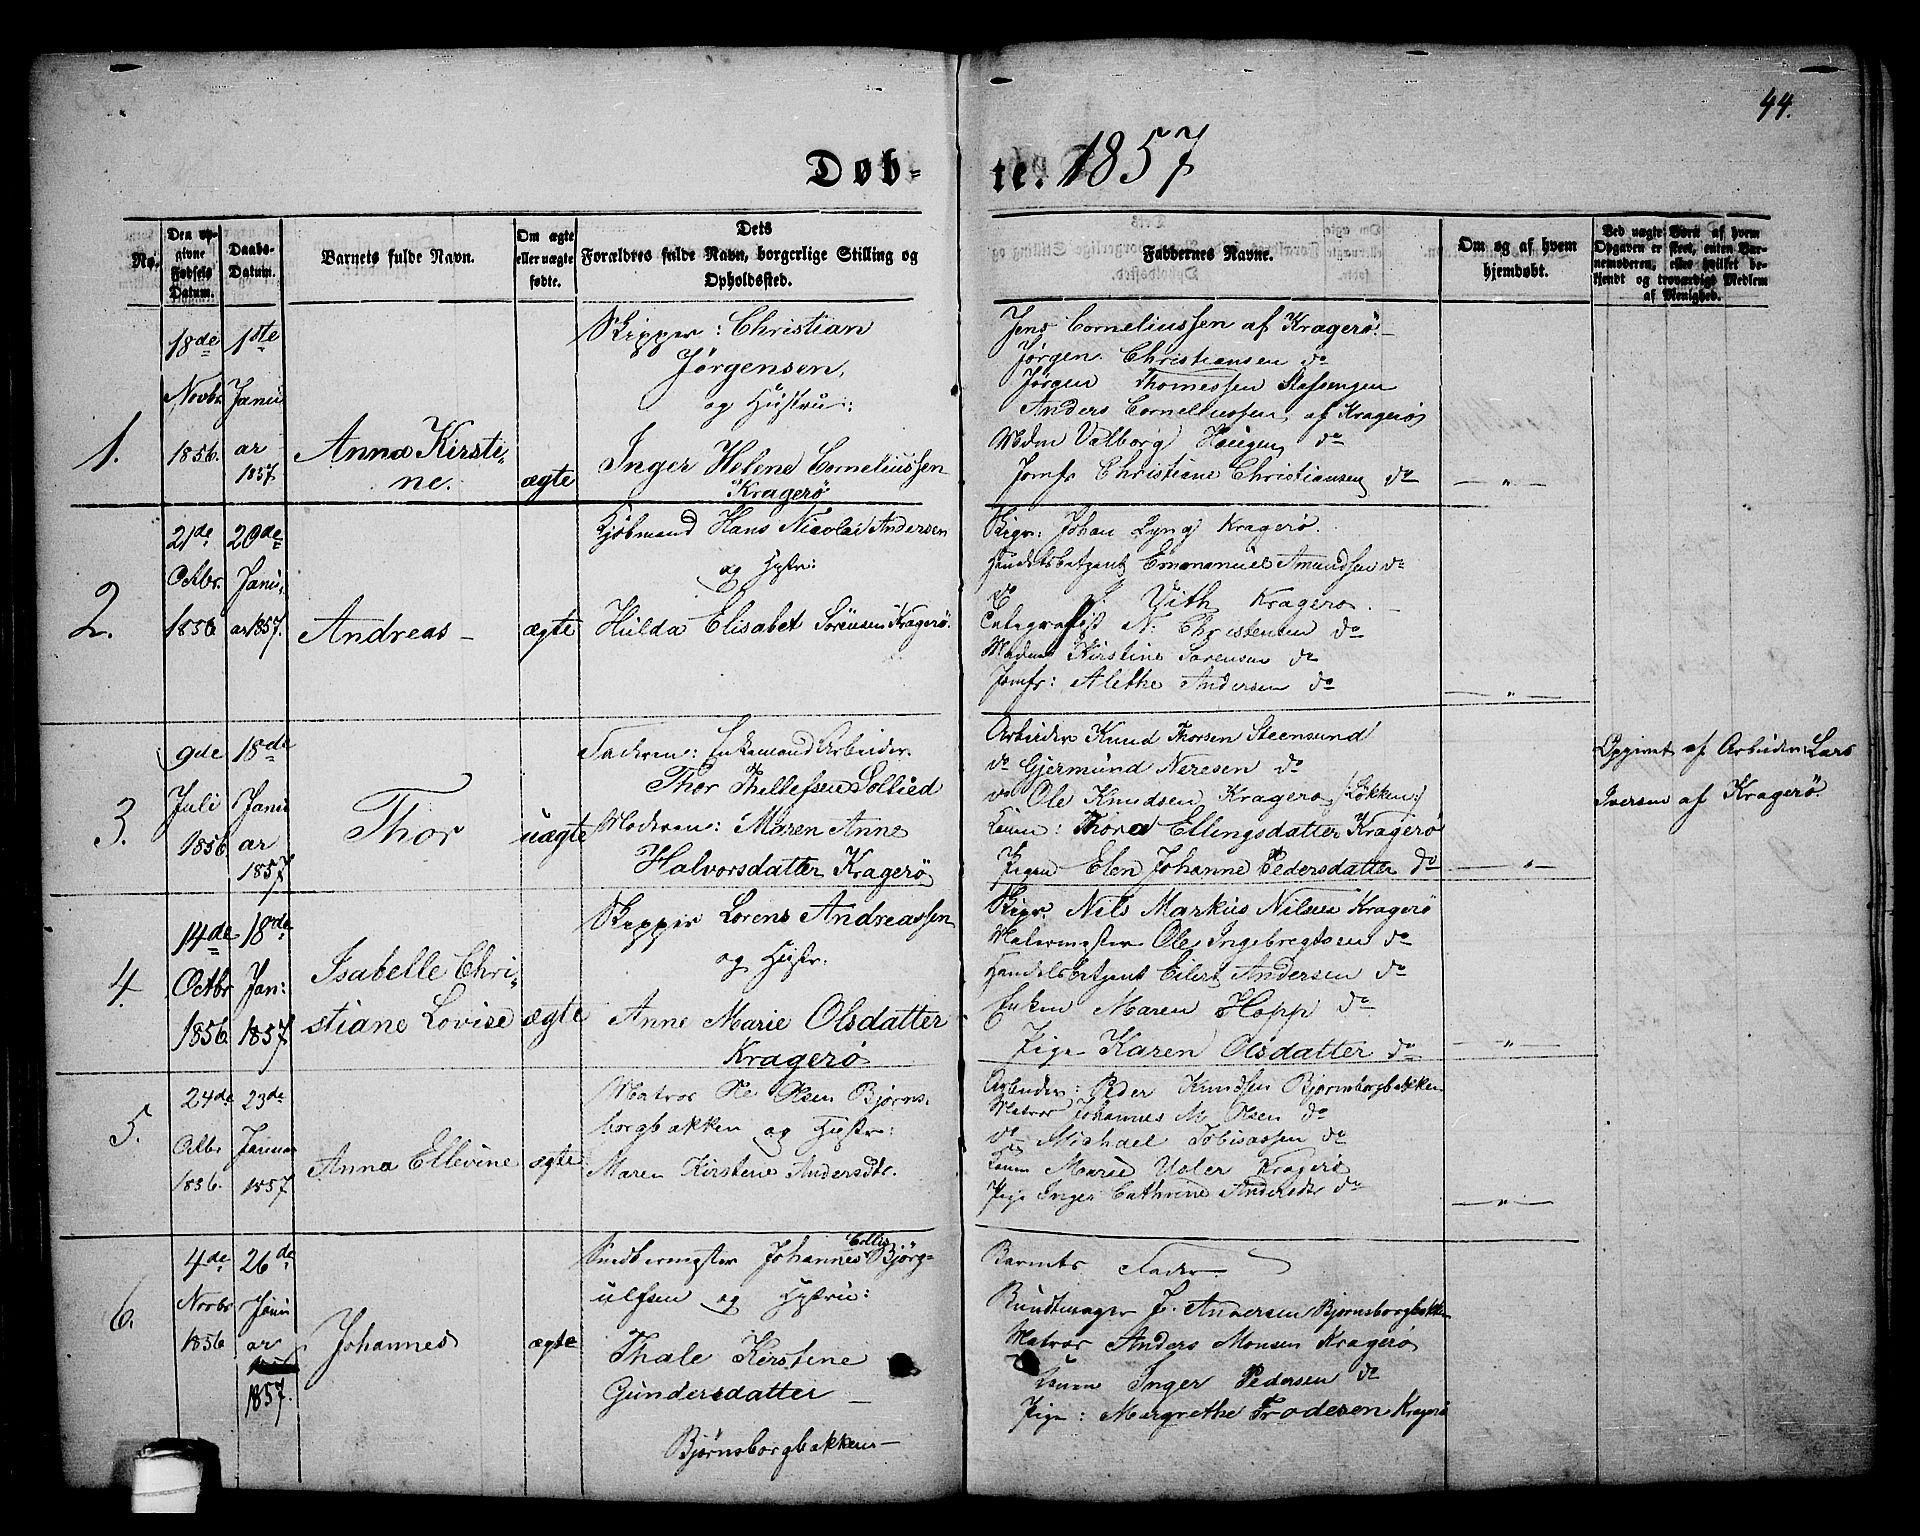 SAKO, Kragerø kirkebøker, G/Ga/L0004: Klokkerbok nr. 4, 1853-1865, s. 44